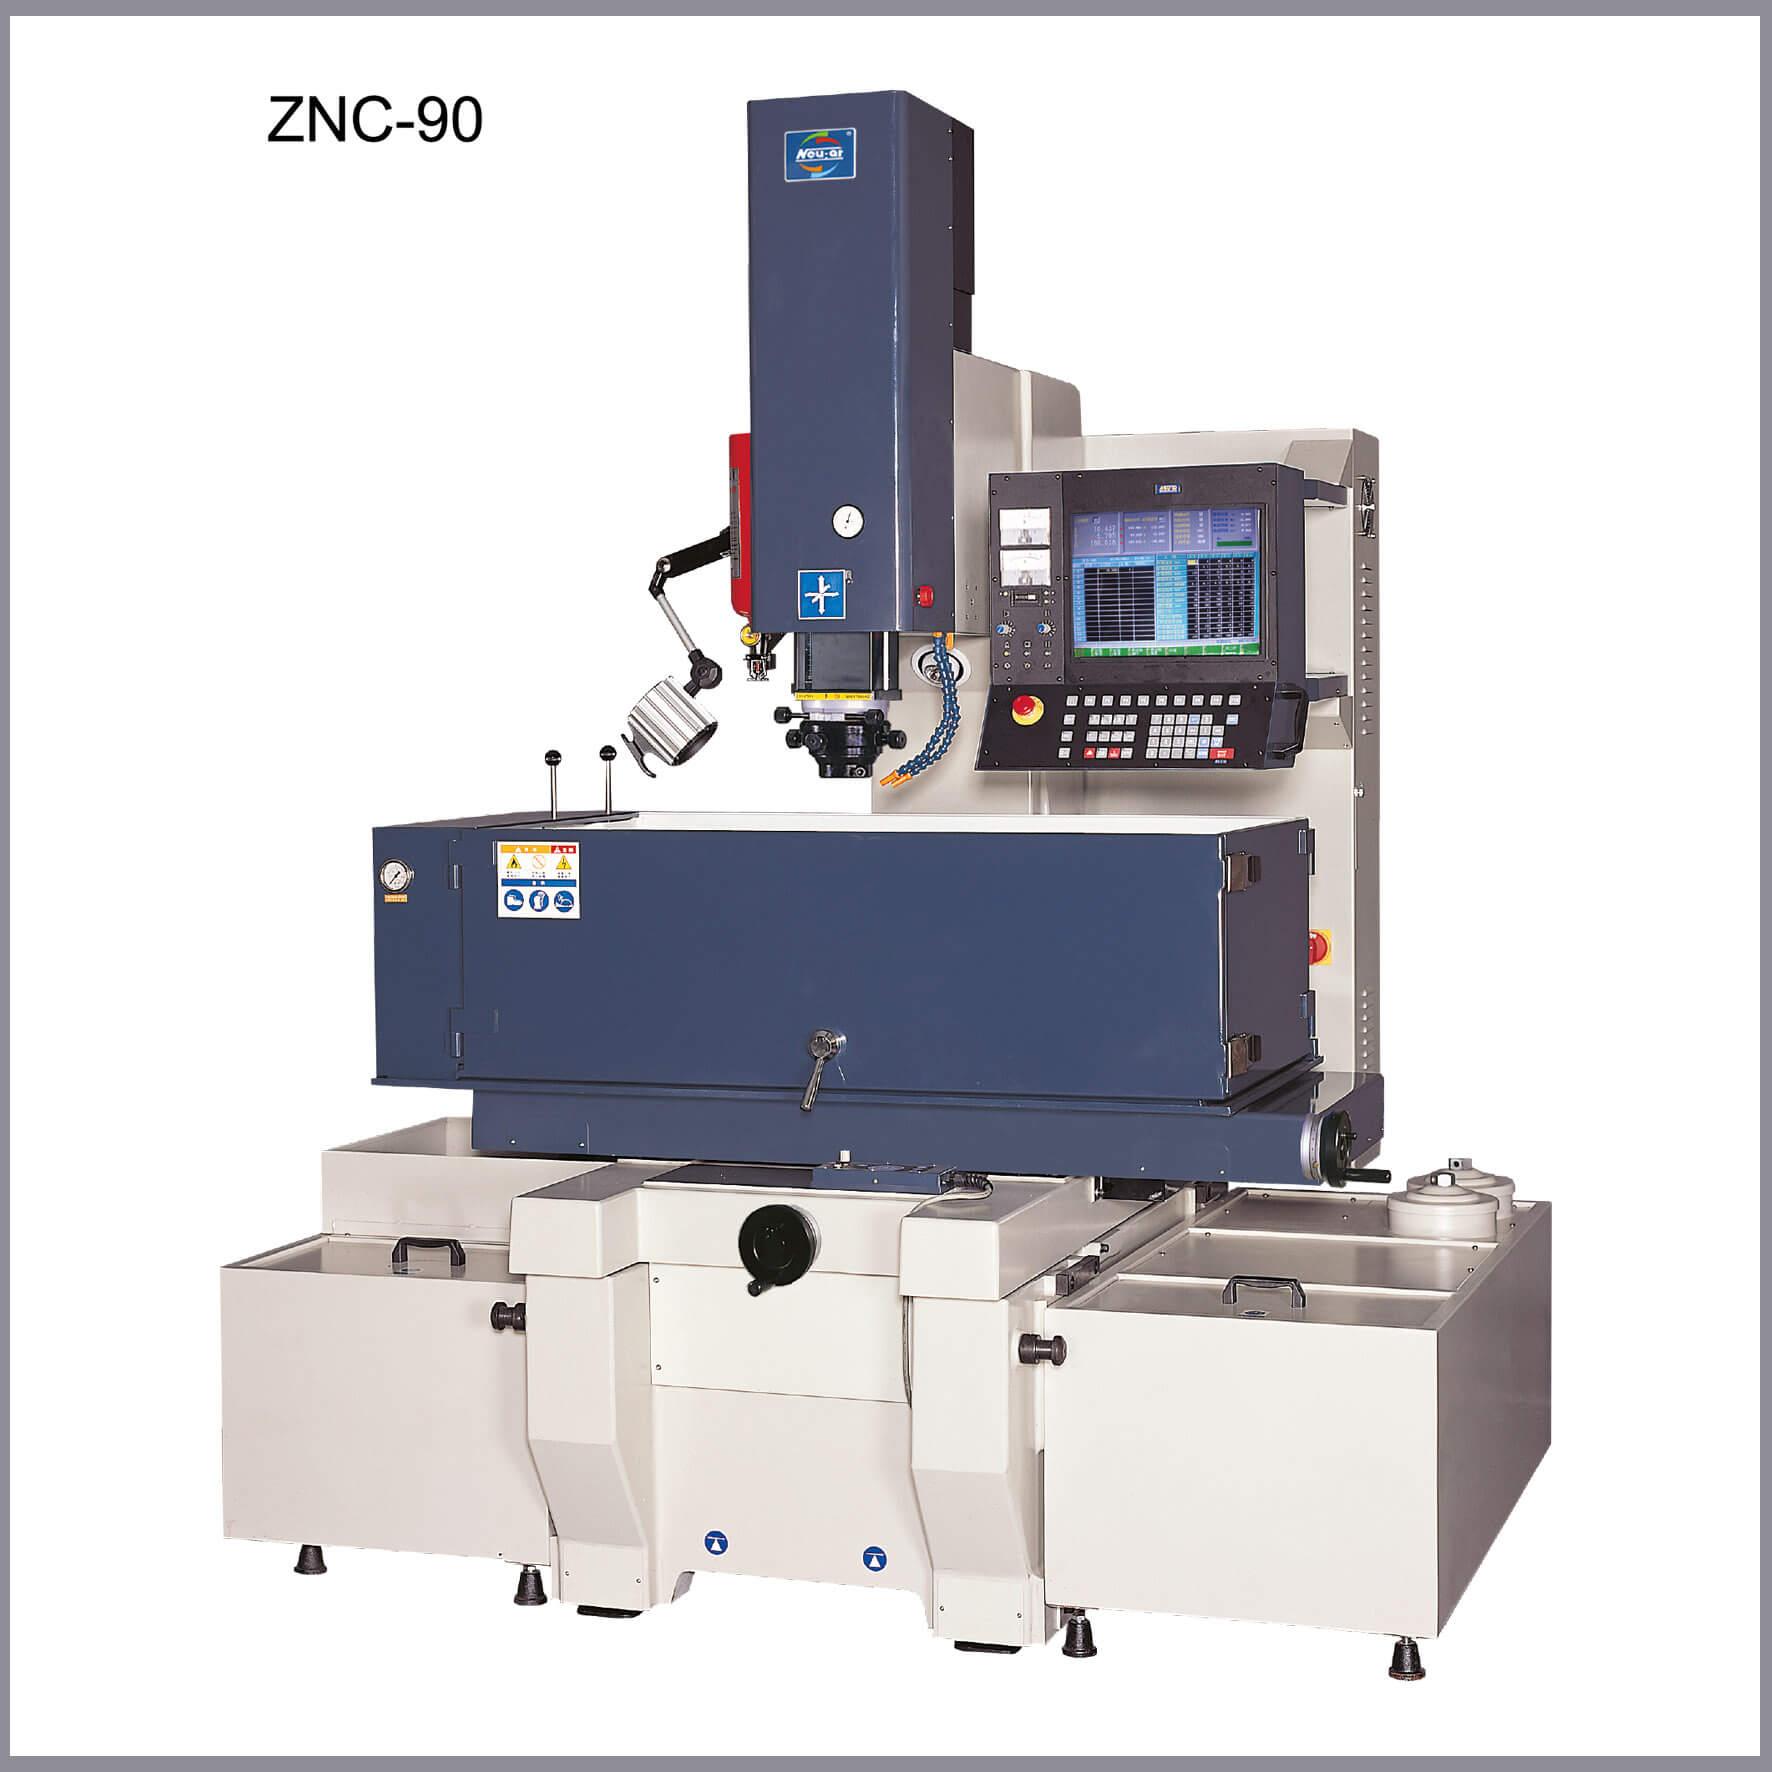 NEUAR ZNC-90 500 x 400 x 350 mm